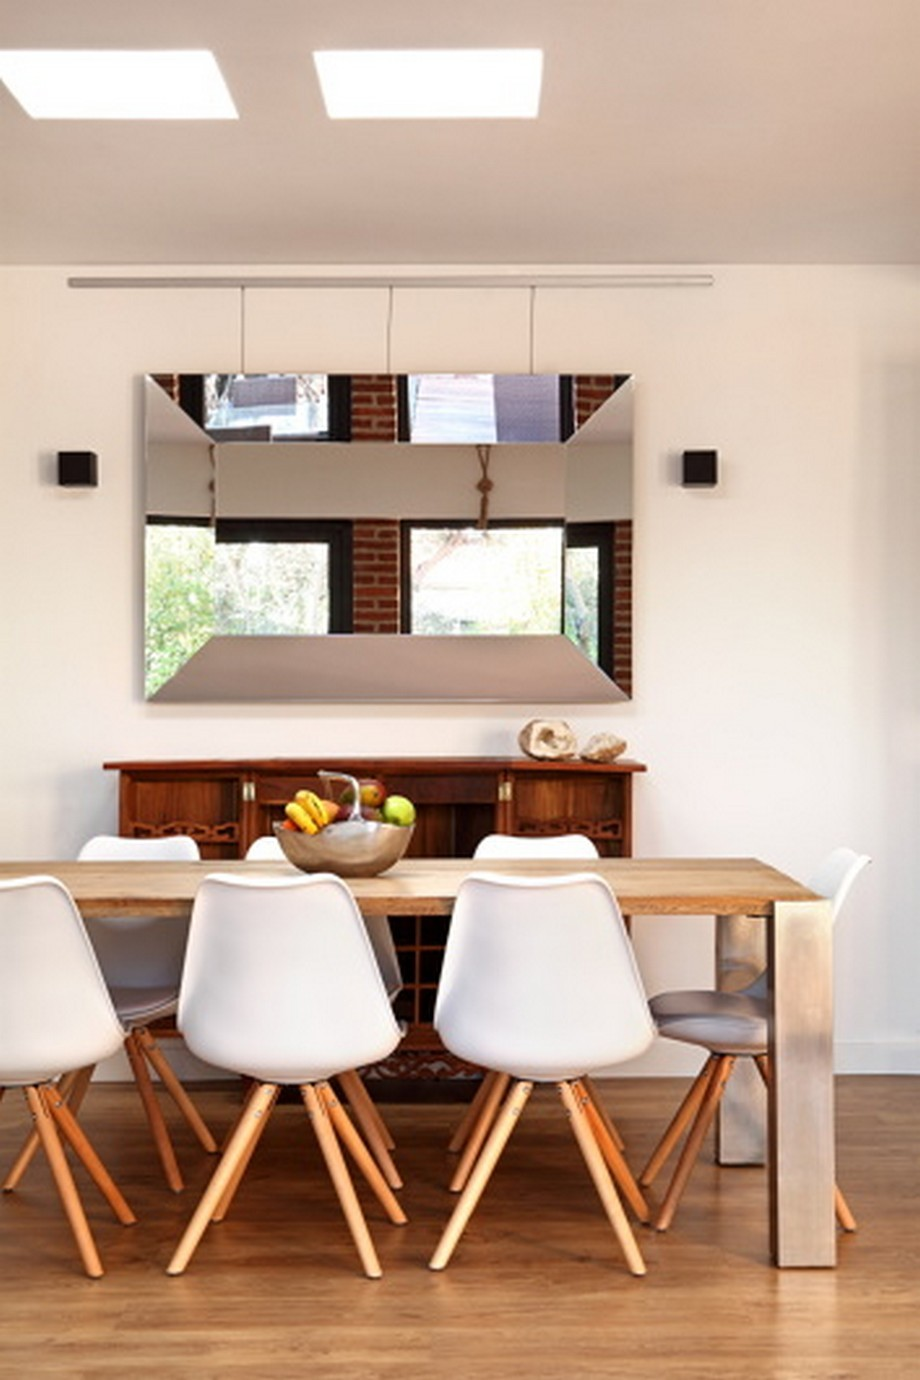 Ha nascido en Barcelona y creado su estudio de Interiorismo en 2003. Han empiezado por una restauración de muebles y con la decoración y arquitectura pero su foco no ha sido, ha estudiado fotográfia.  interioristas de lujo Interioristas de lujo: Proyectos de decoración lujuosos en España prt 354x531 1506365067